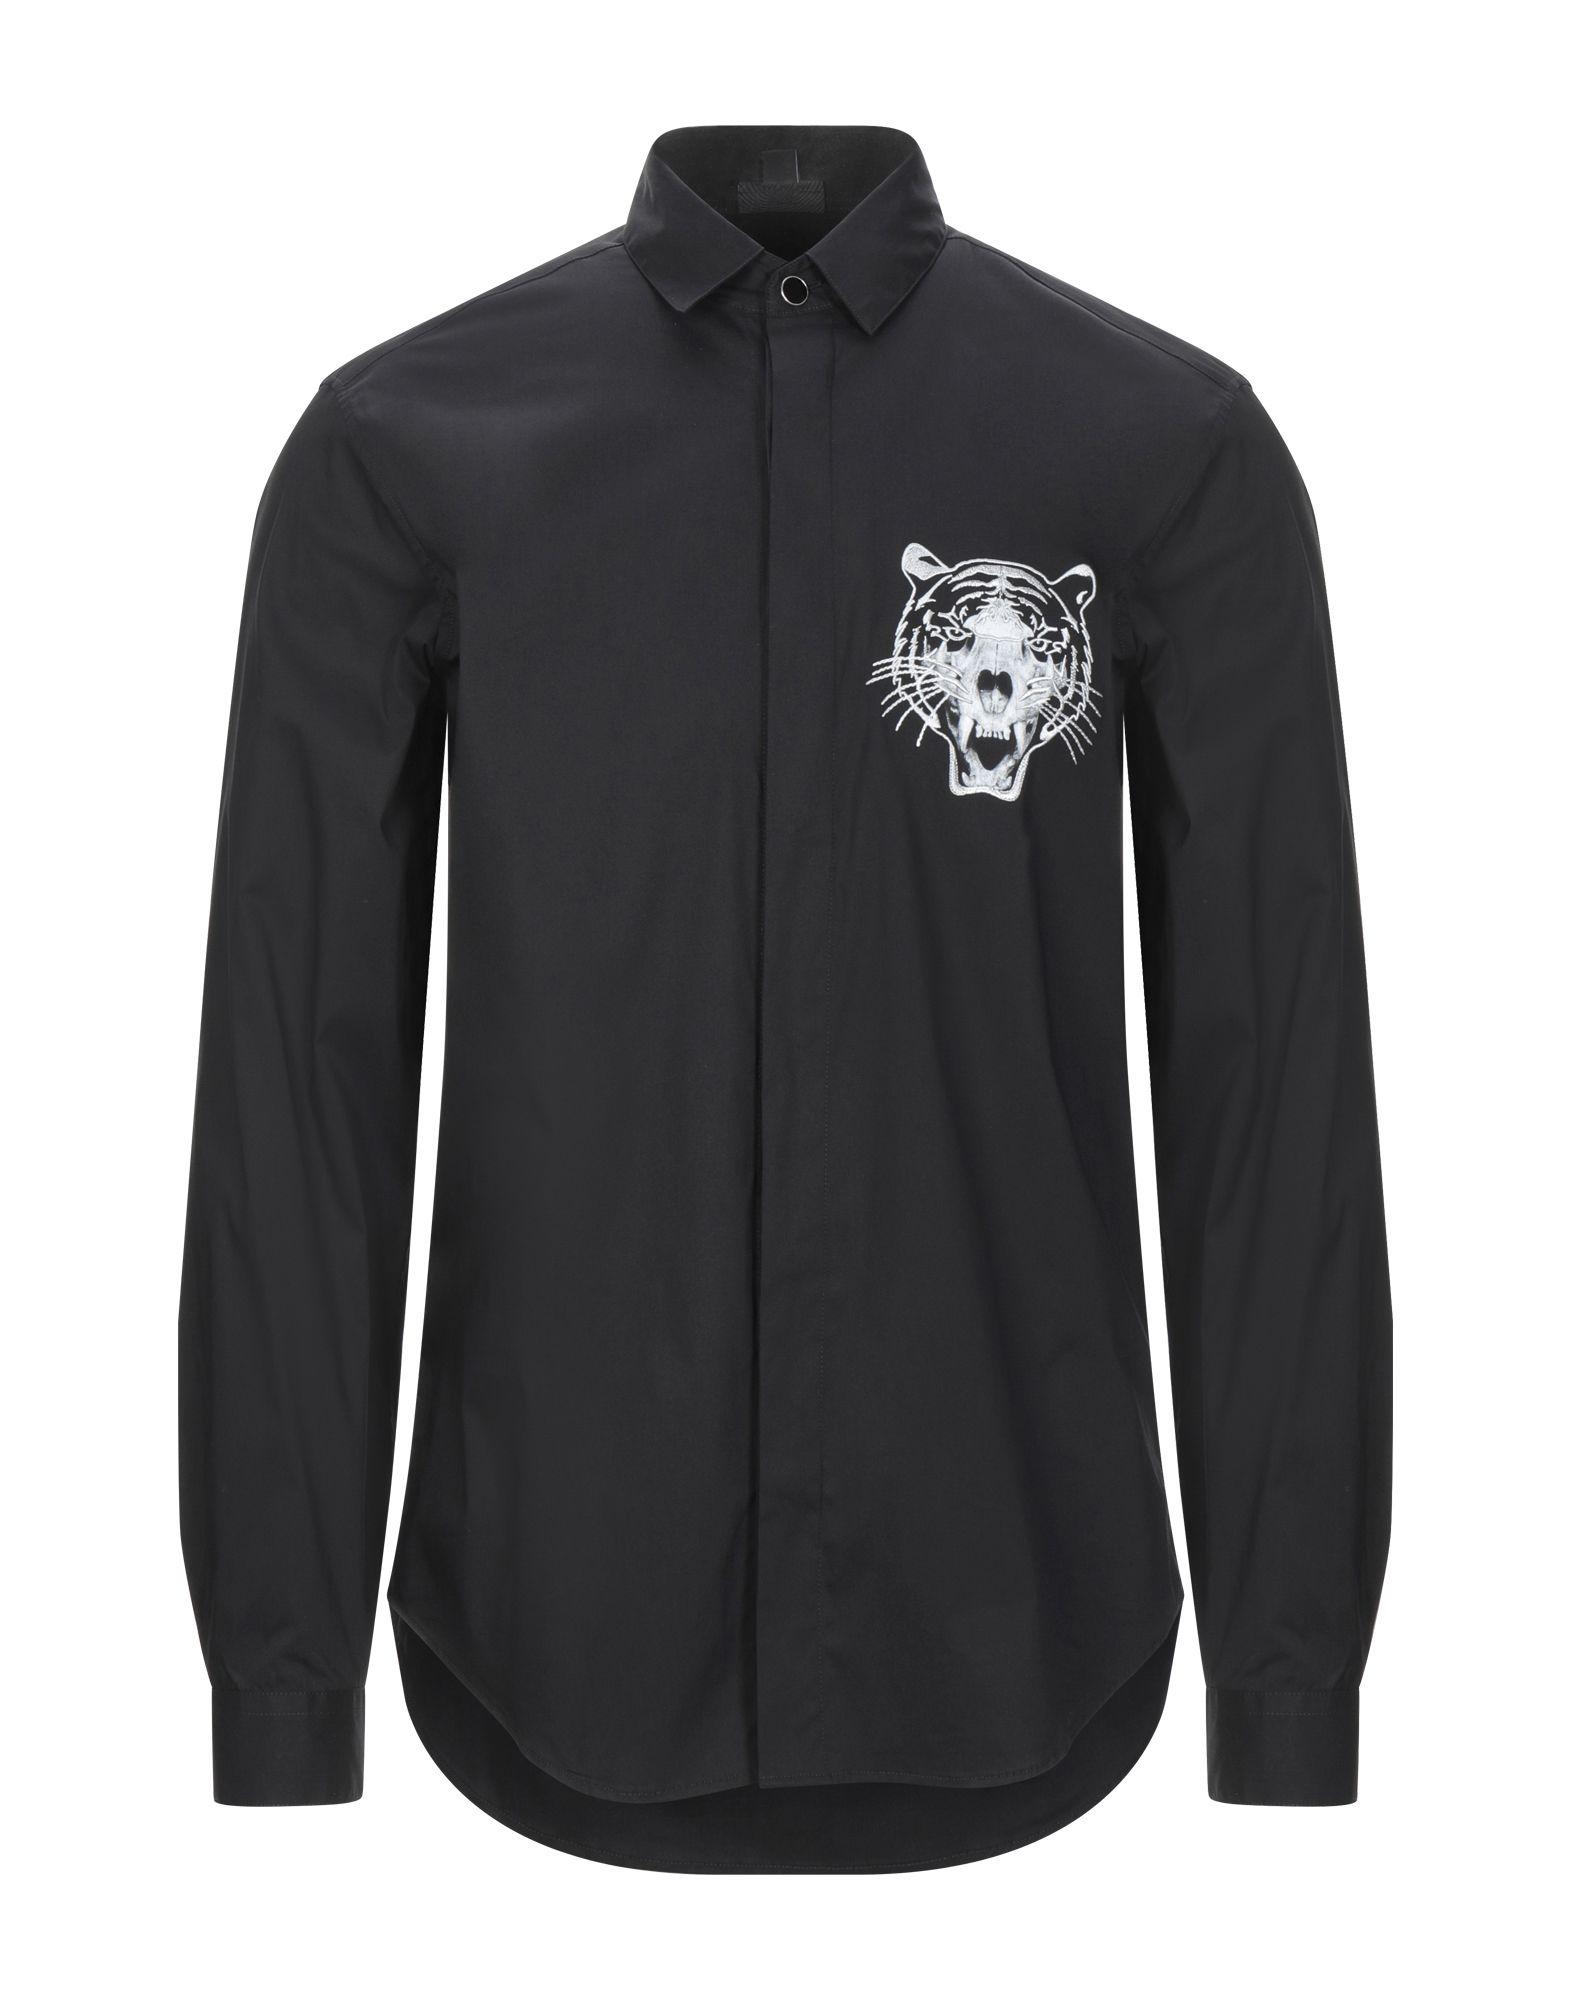 《セール開催中》JUST CAVALLI メンズ シャツ ブラック 46 コットン 76% / ナイロン 21% / ポリウレタン 3% / レーヨン